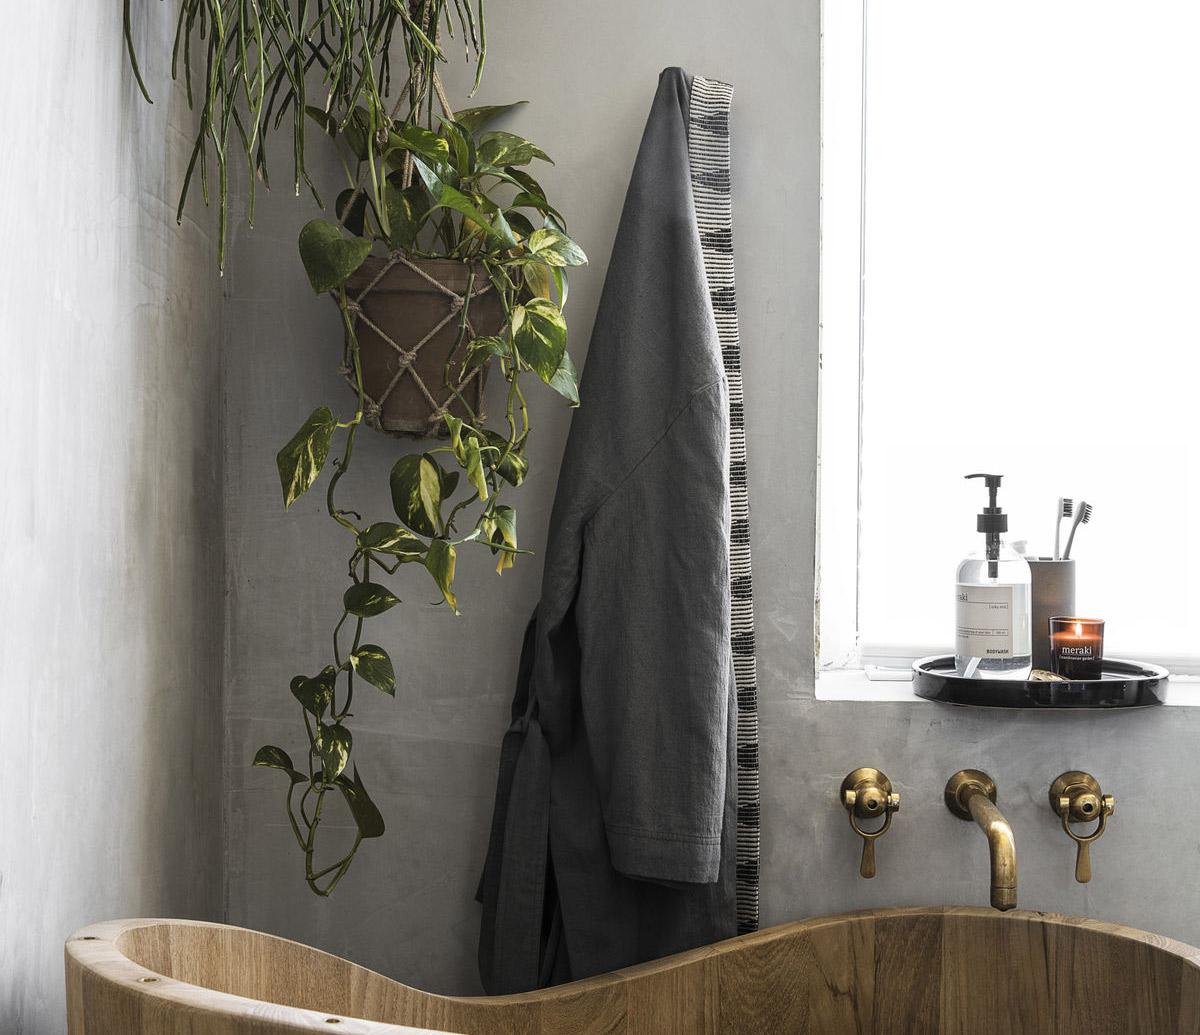 meraki-cotton-robe-life-style